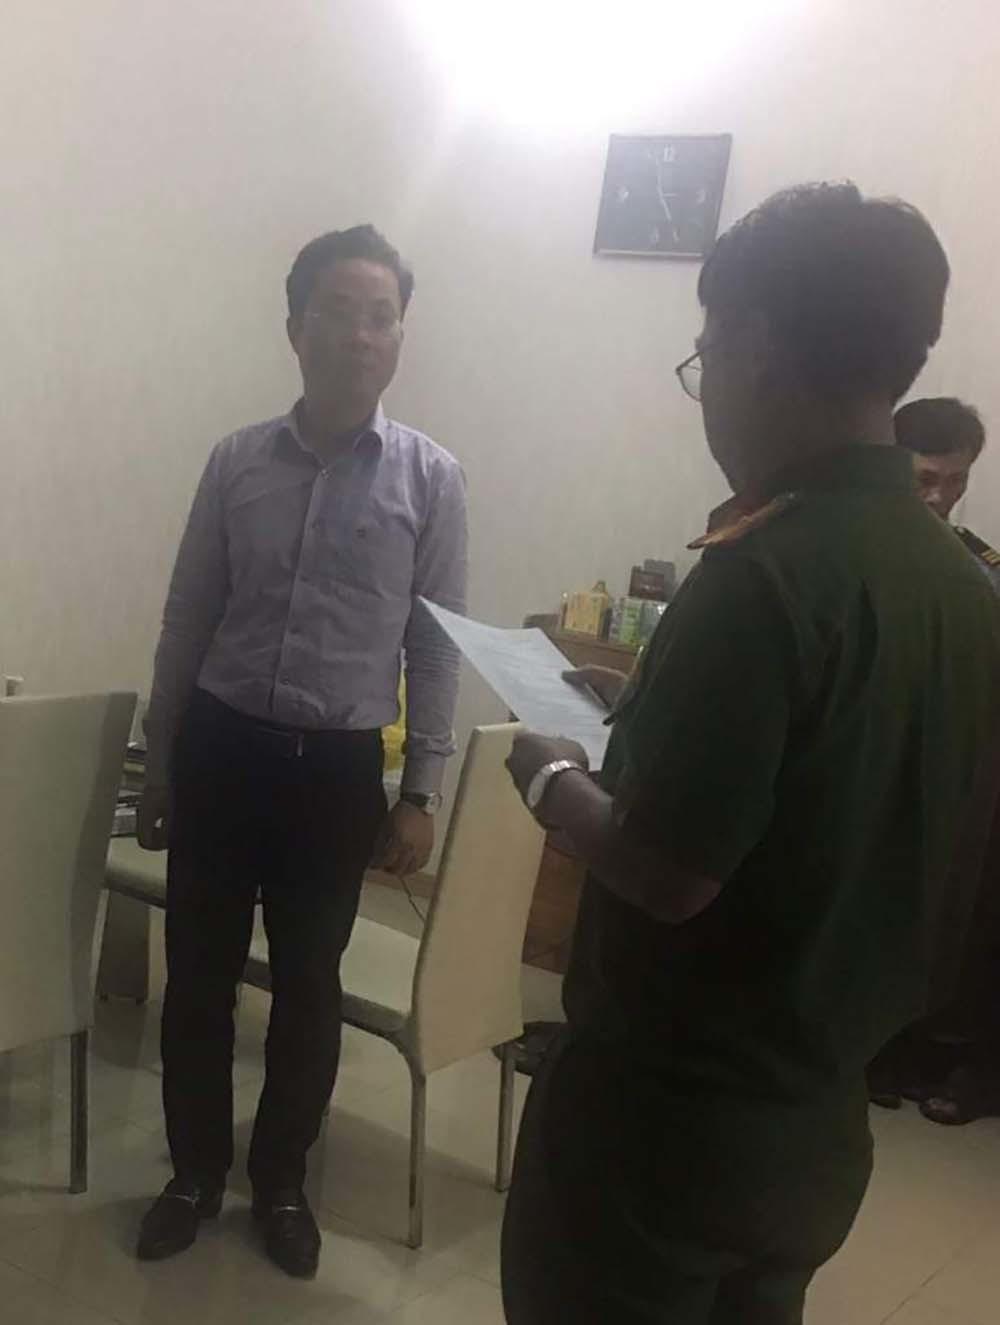 Lời khai khó tin của thẩm phán, giảng viên vụ cướp trẻ em ở Sài Gòn-4